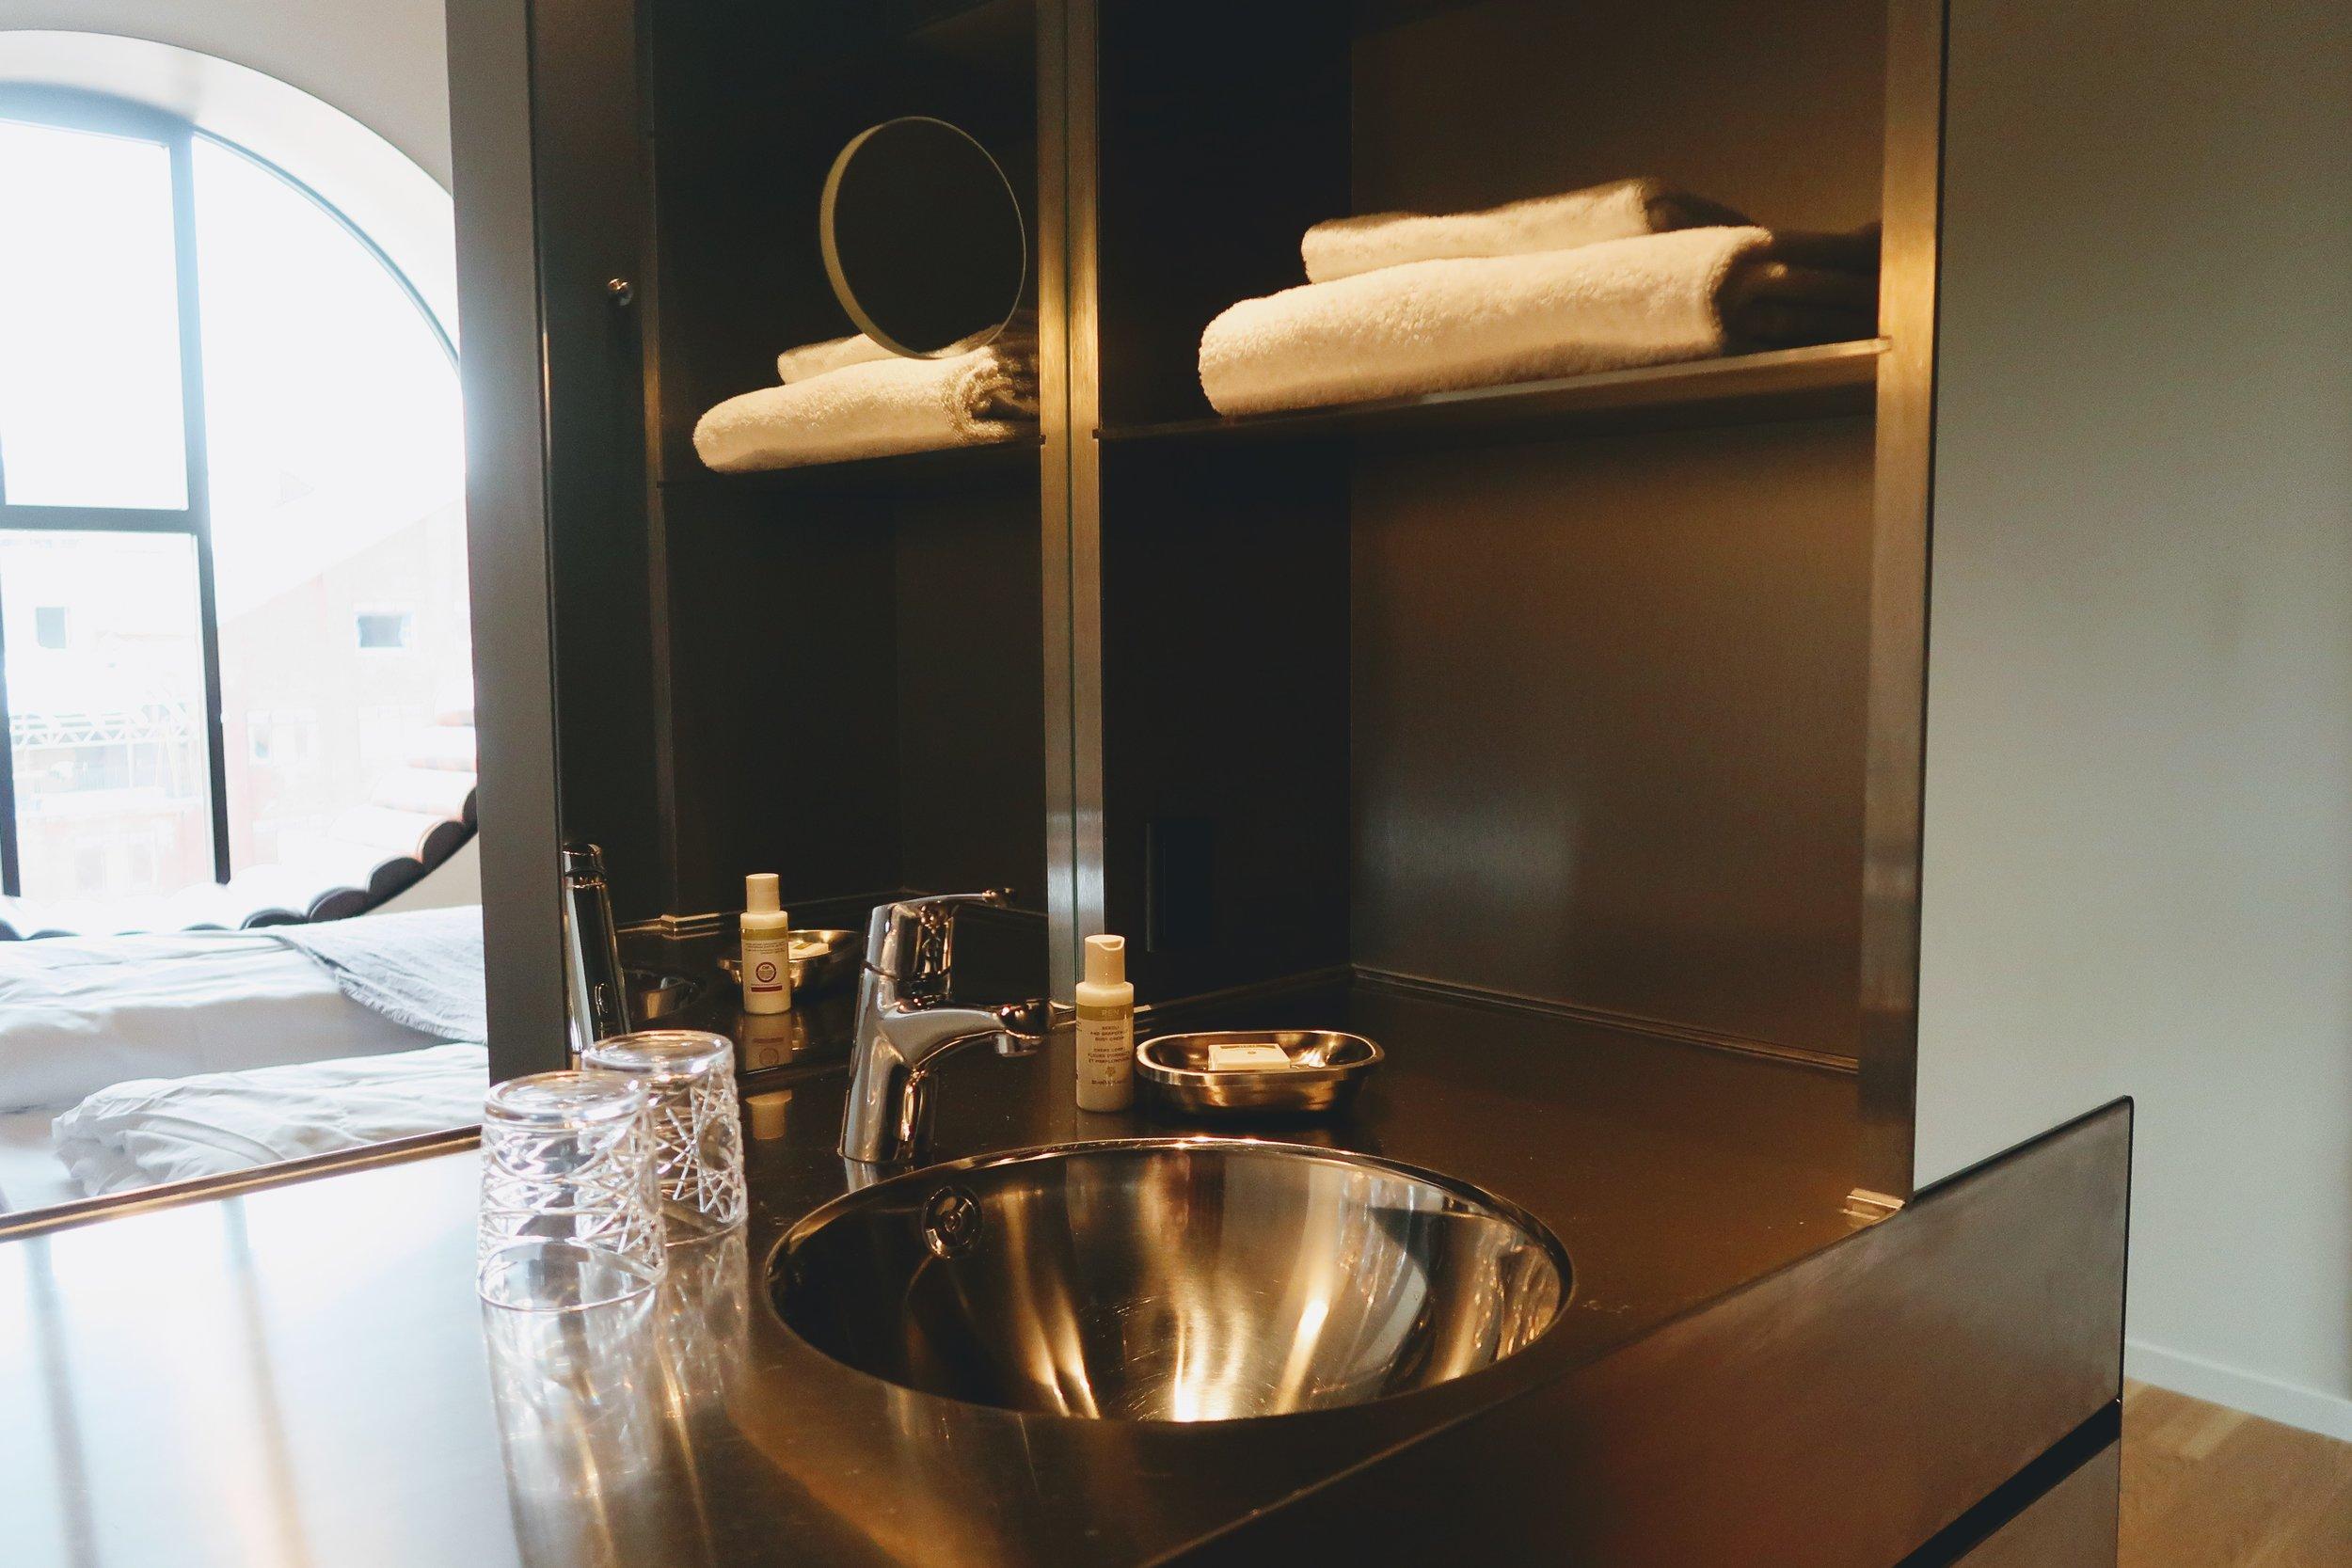 hotel-ottilia-bath-sink